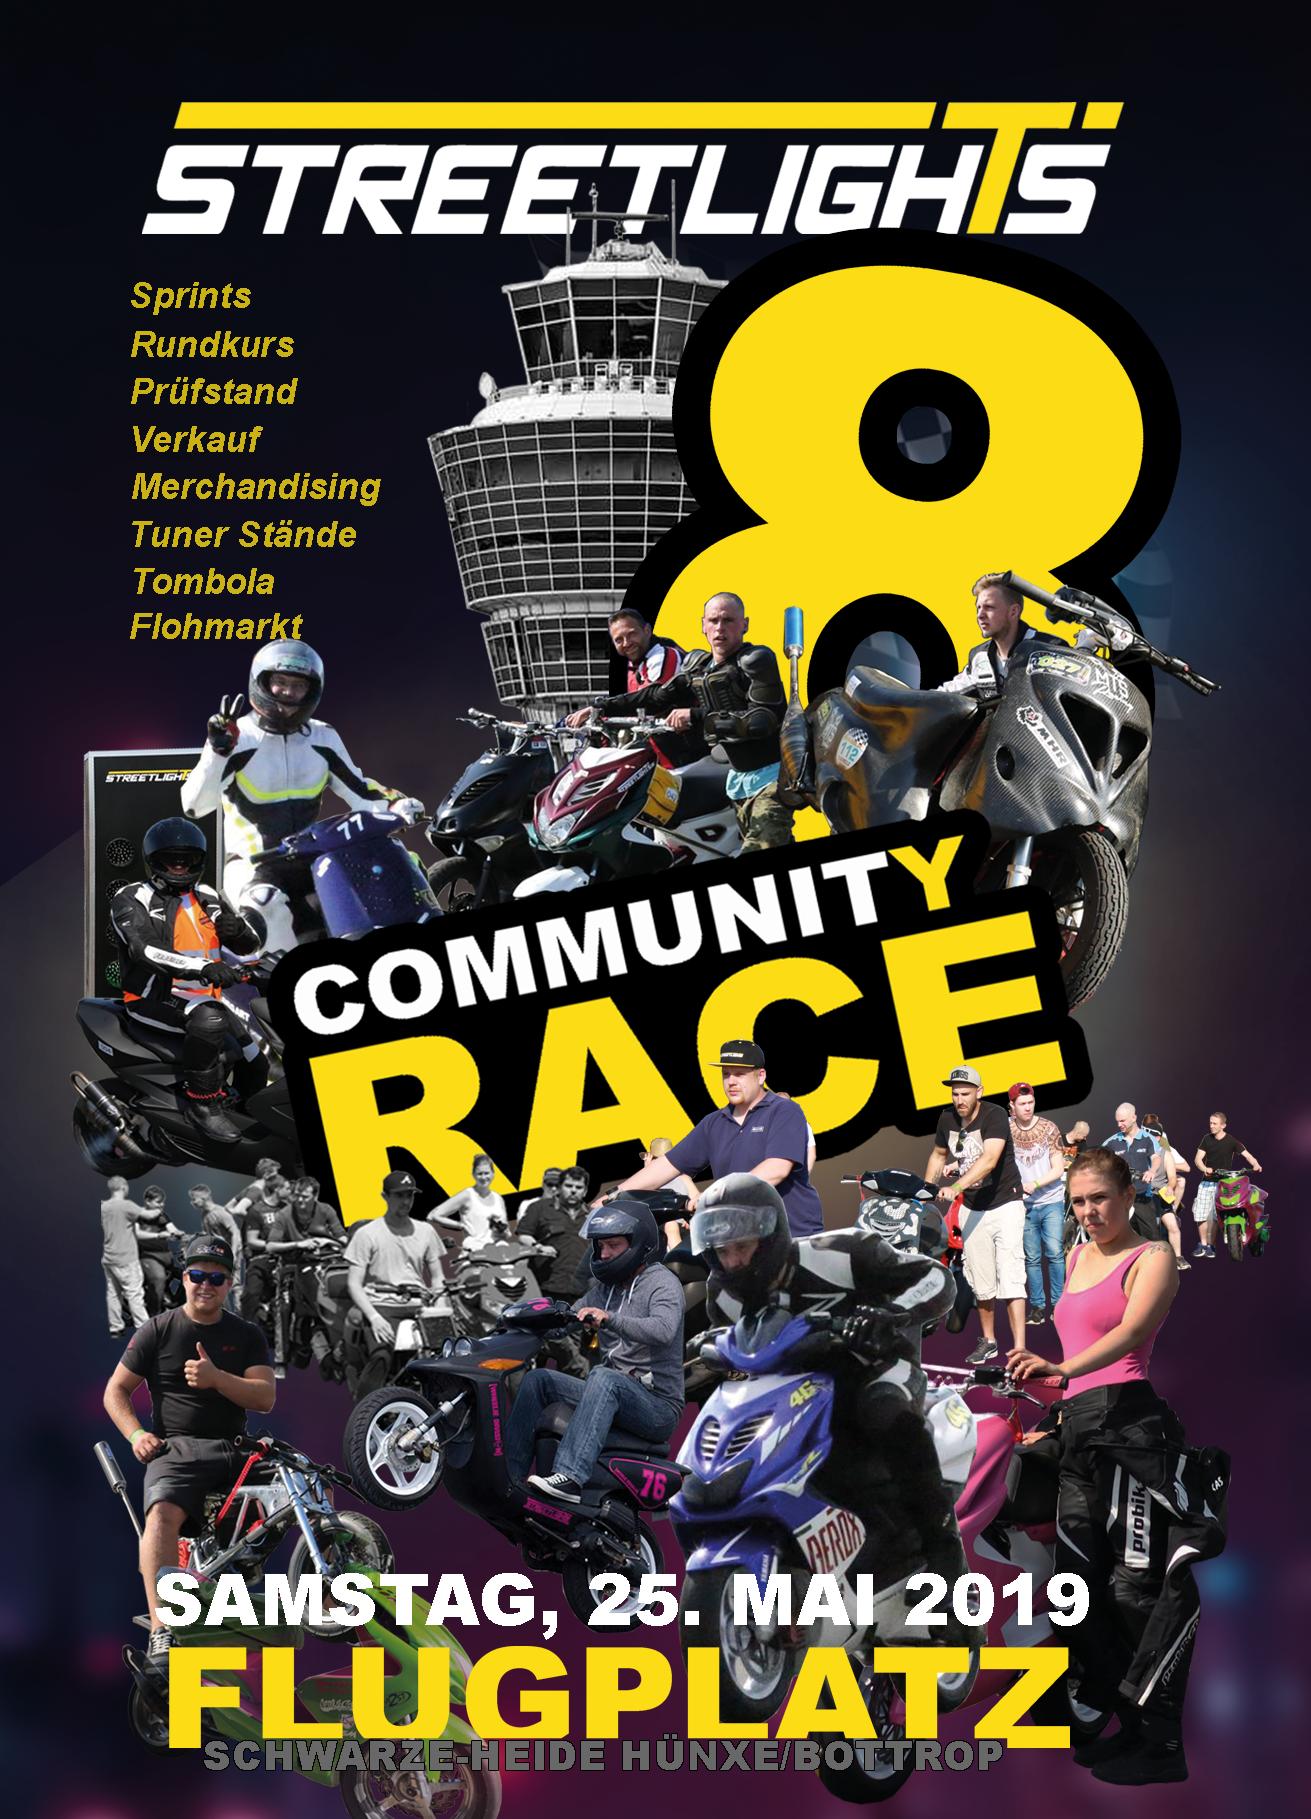 Streetlights Community Race 8 25.05.2019 Rollertreffen